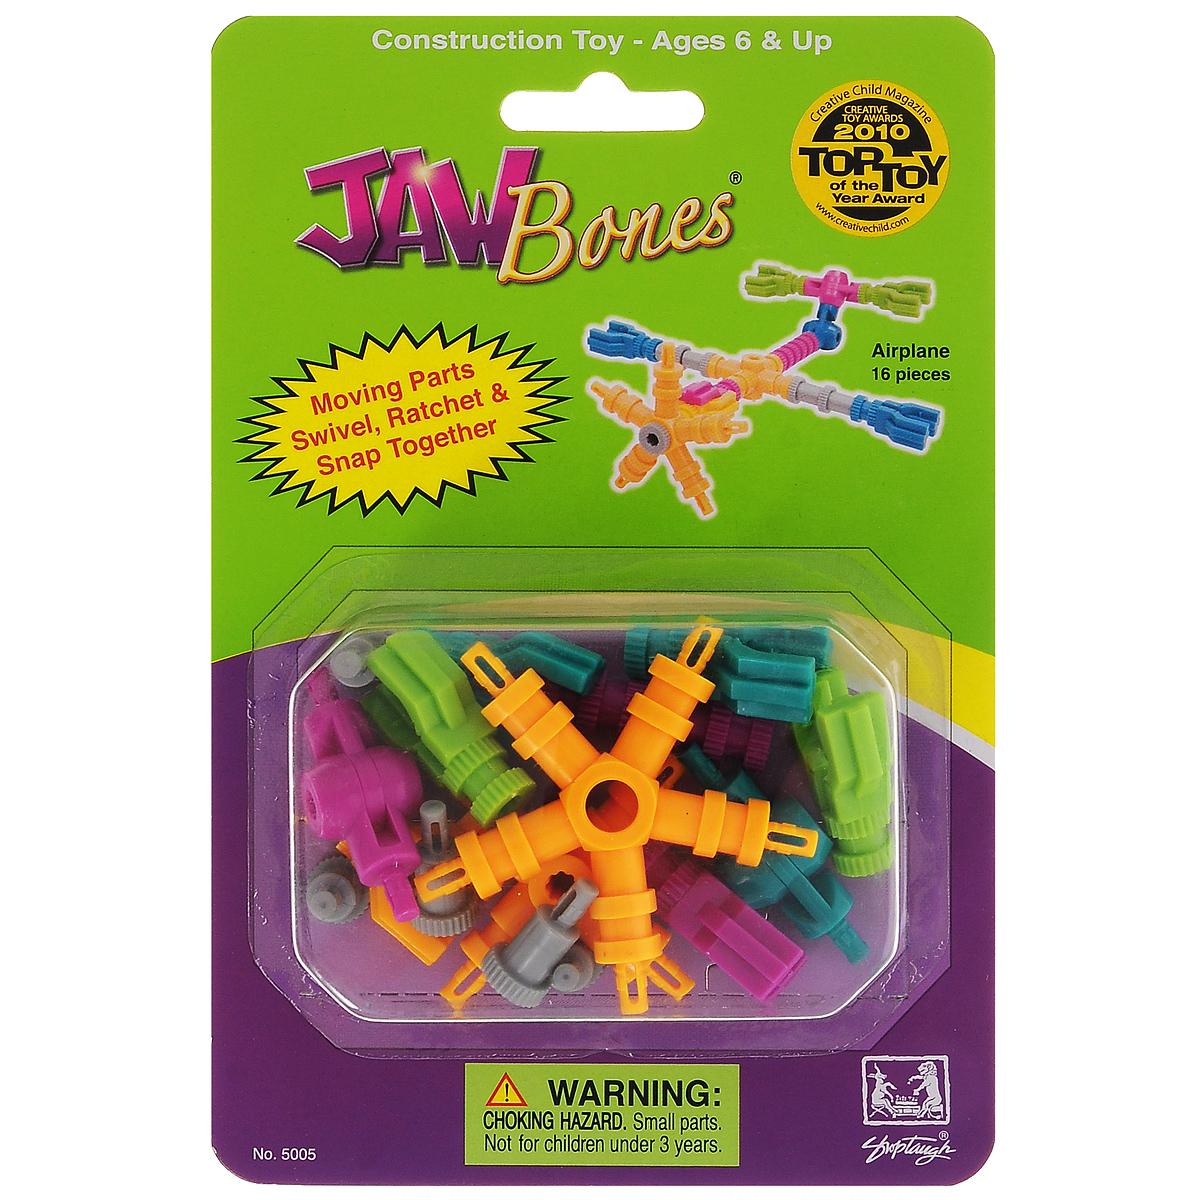 Jawbones Конструктор Аэроплан jawbones конструктор аэроплан jawbones в блистере 16 деталей